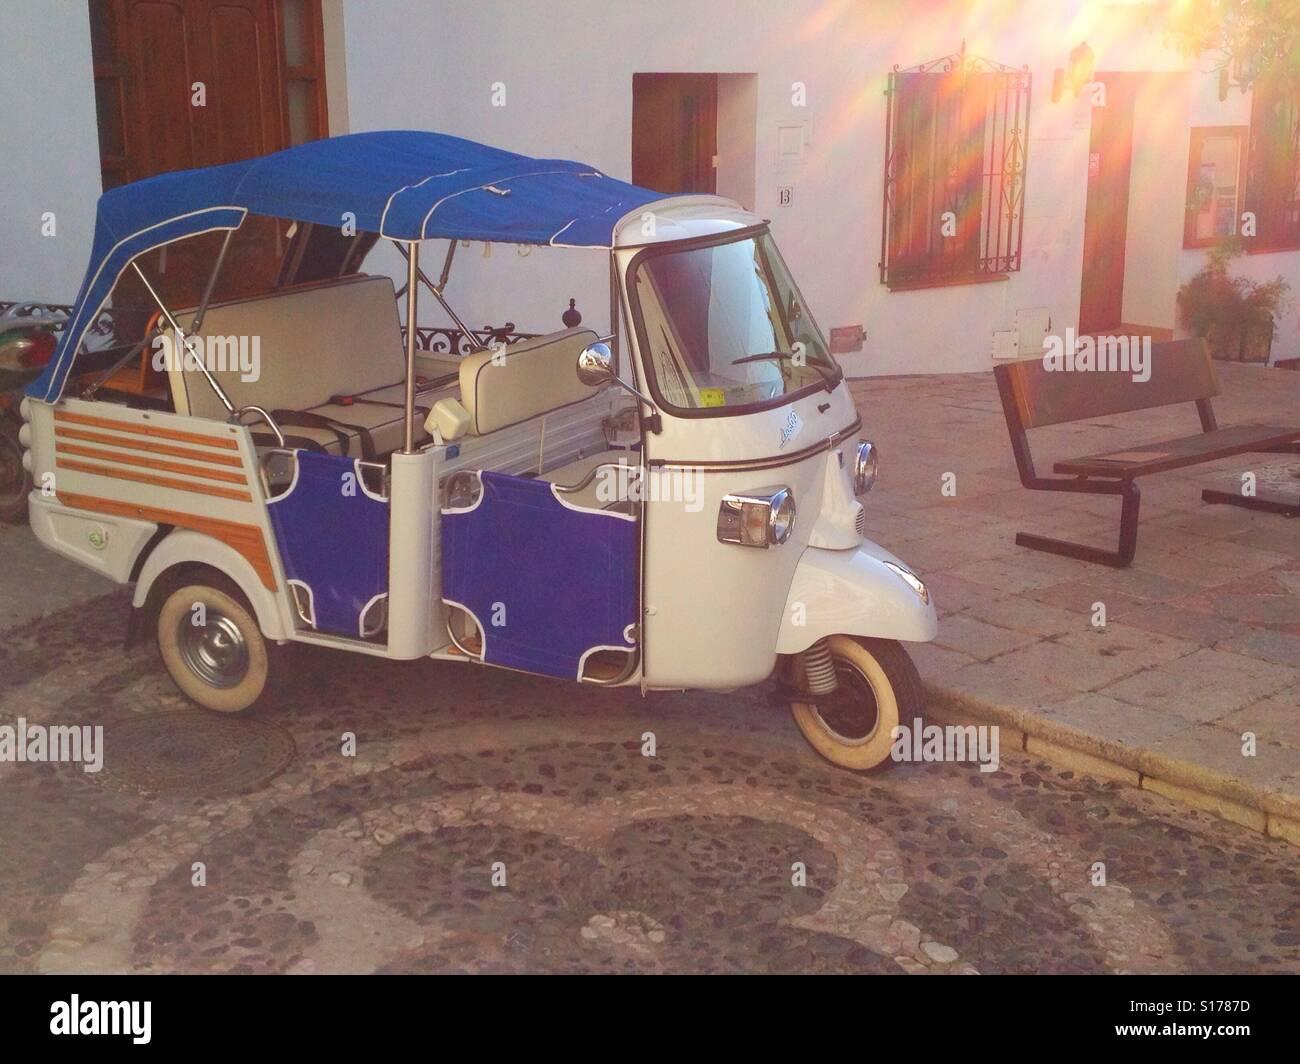 Piaggio pequeño vehículo aparcado en la calle. Frigiliana, España Imagen De Stock